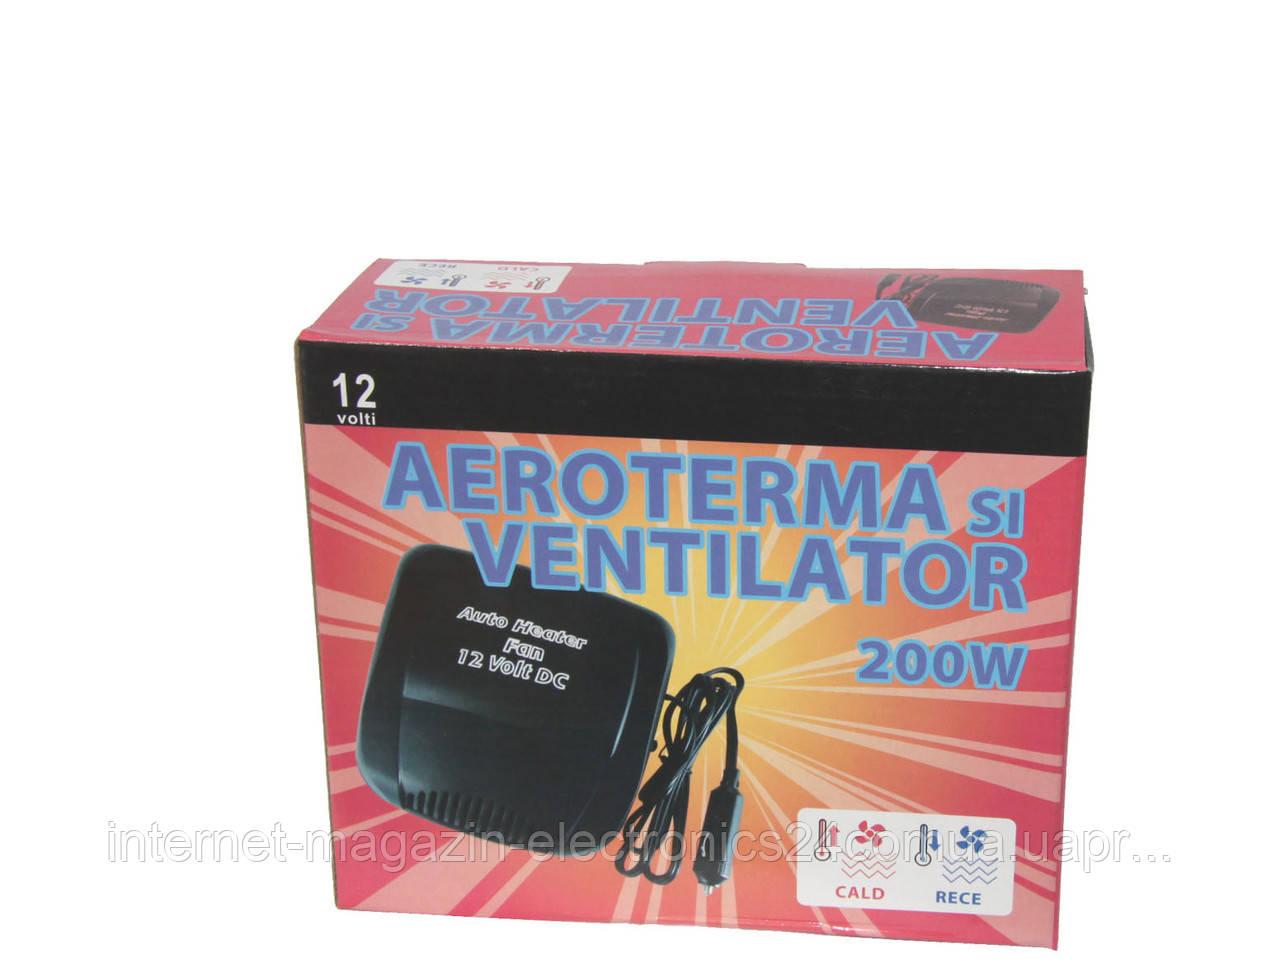 Обогреватель салона Aeroterma si Ventilator (теплый и холодный воздух) 12В 150Вт - Интернет магазин Electronics24 в Одессе